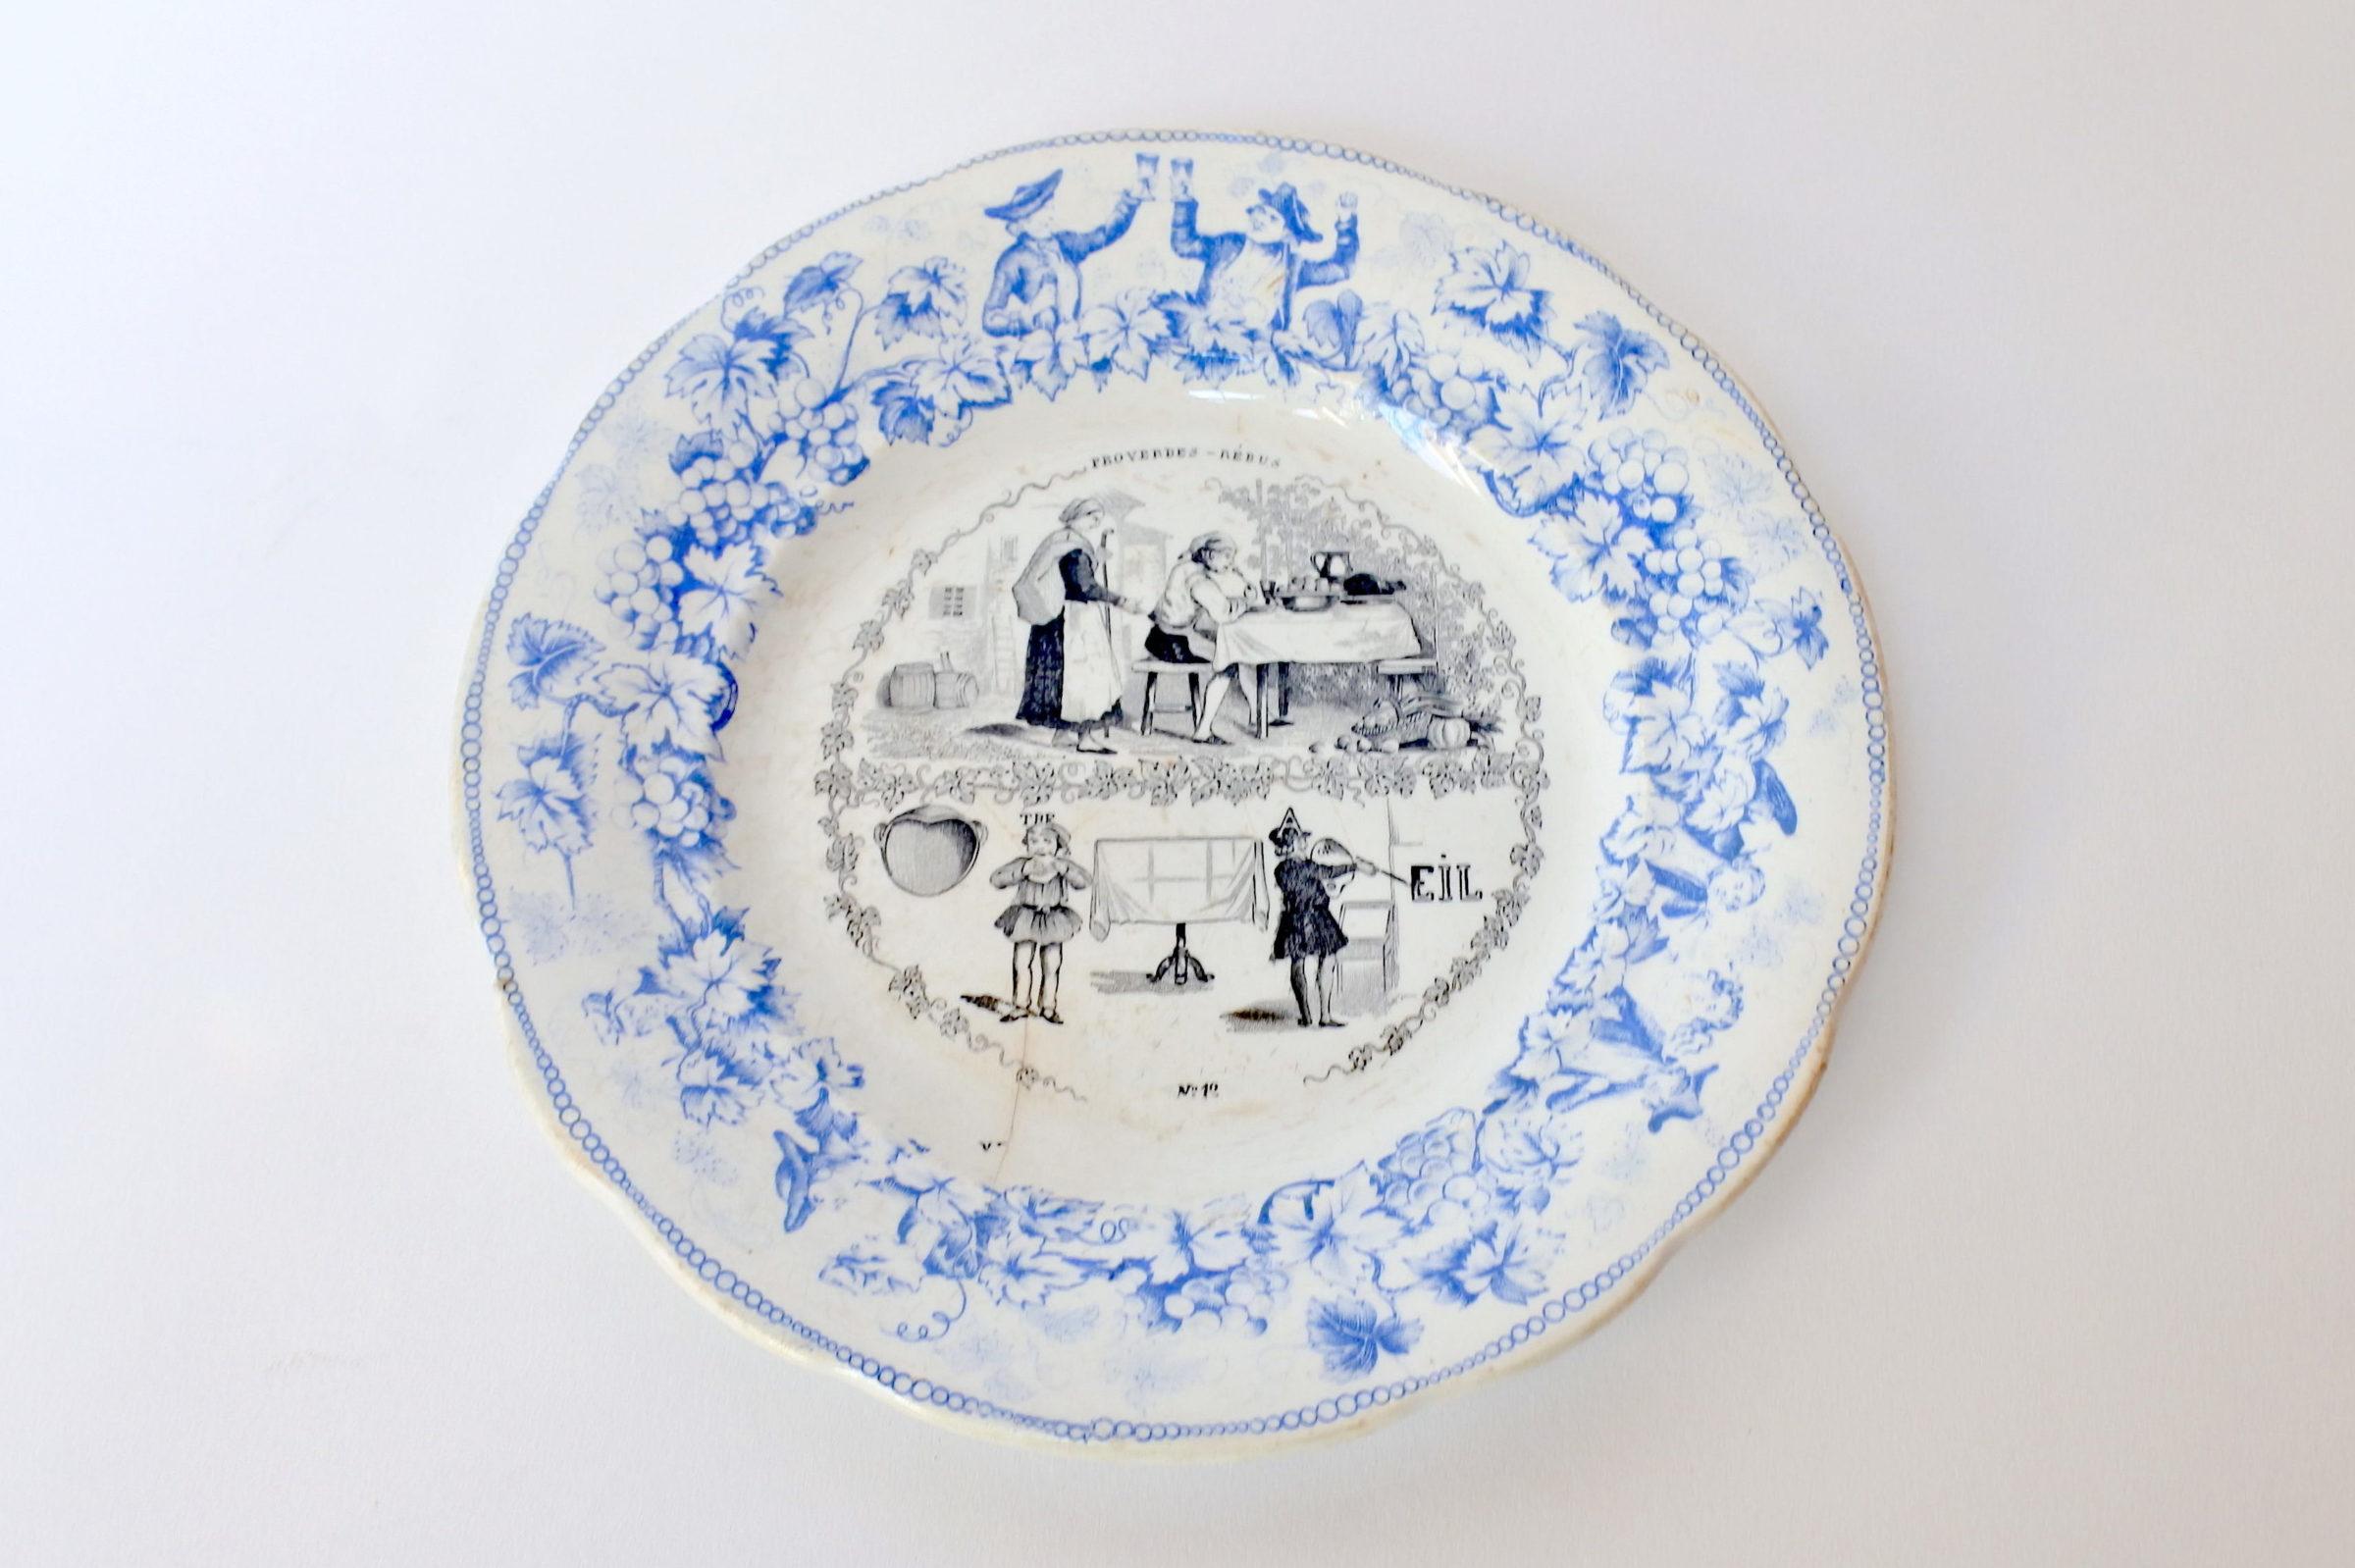 Piatto in ceramica con cornice blu decorato con rebus - decoro n° 12